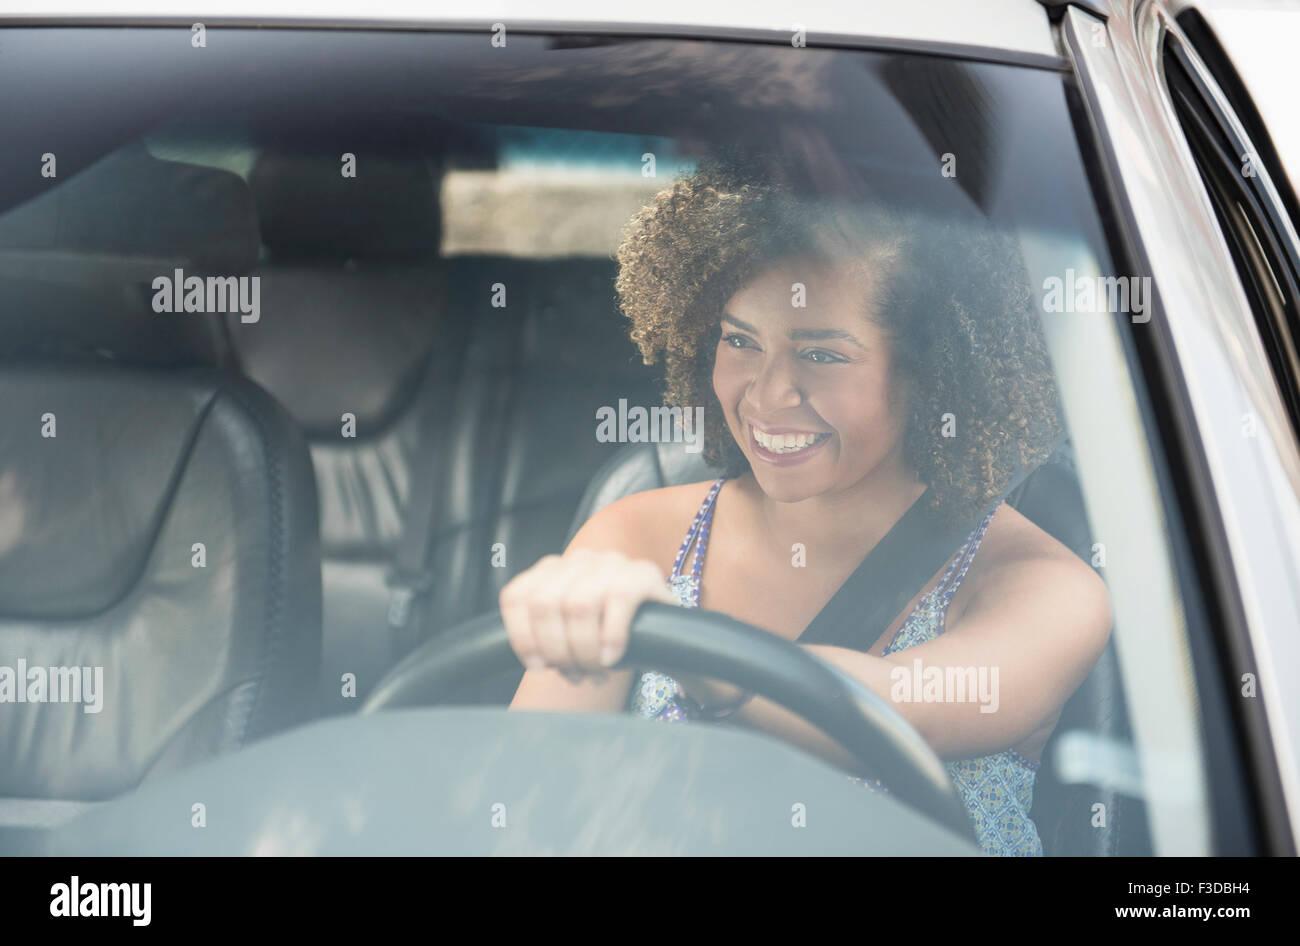 Mujer joven sonriente mientras la conducción de automóviles Imagen De Stock